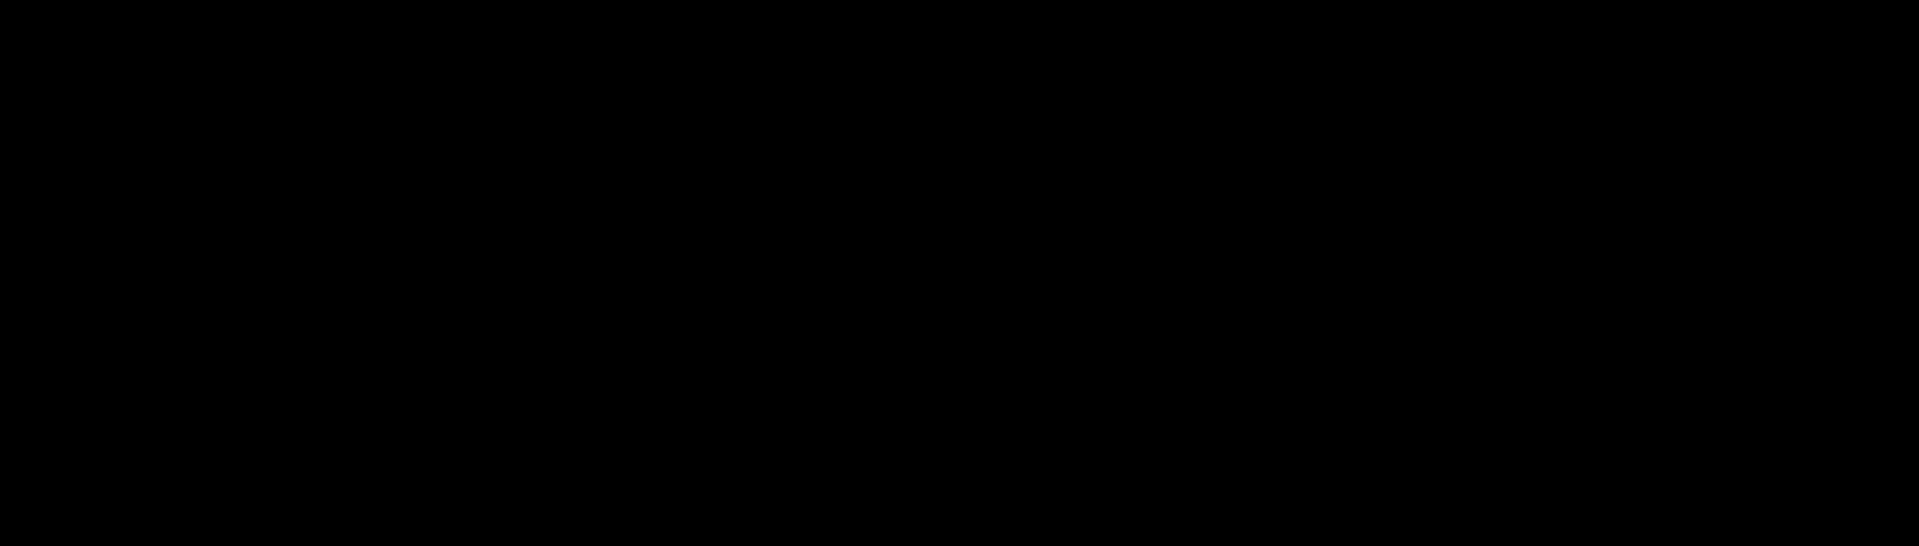 Giant Jeopardy Logo.